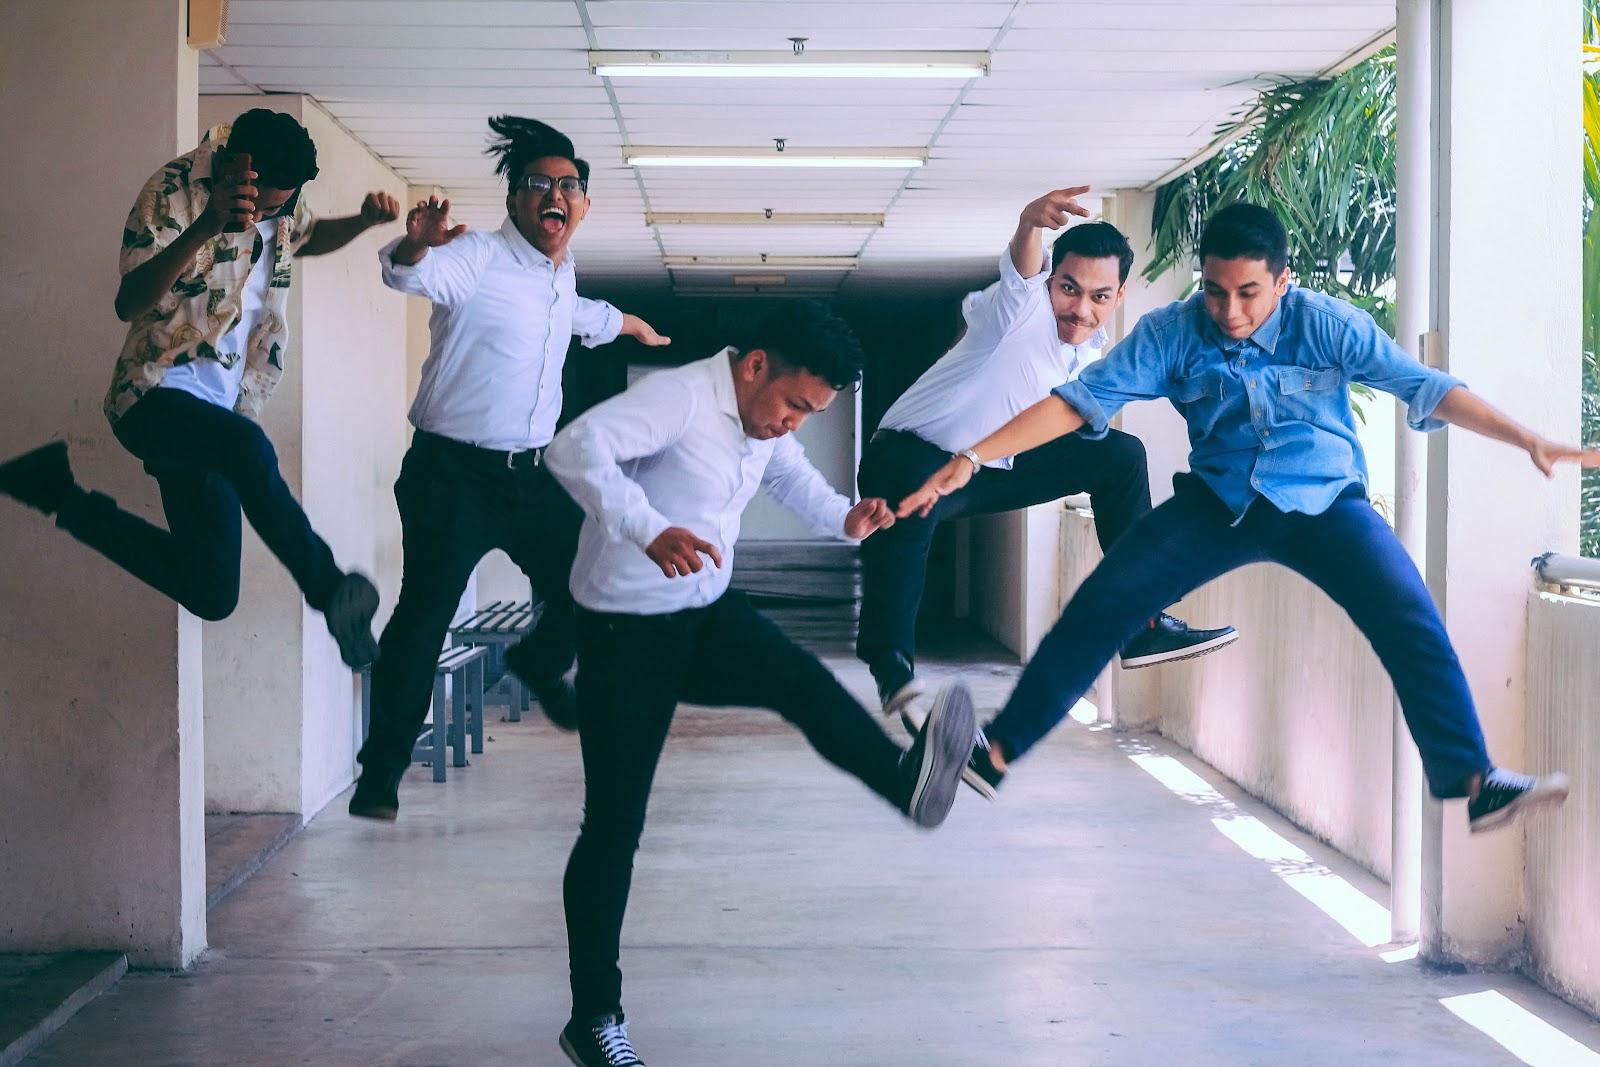 Funcionários pulando de alegria em um corredor